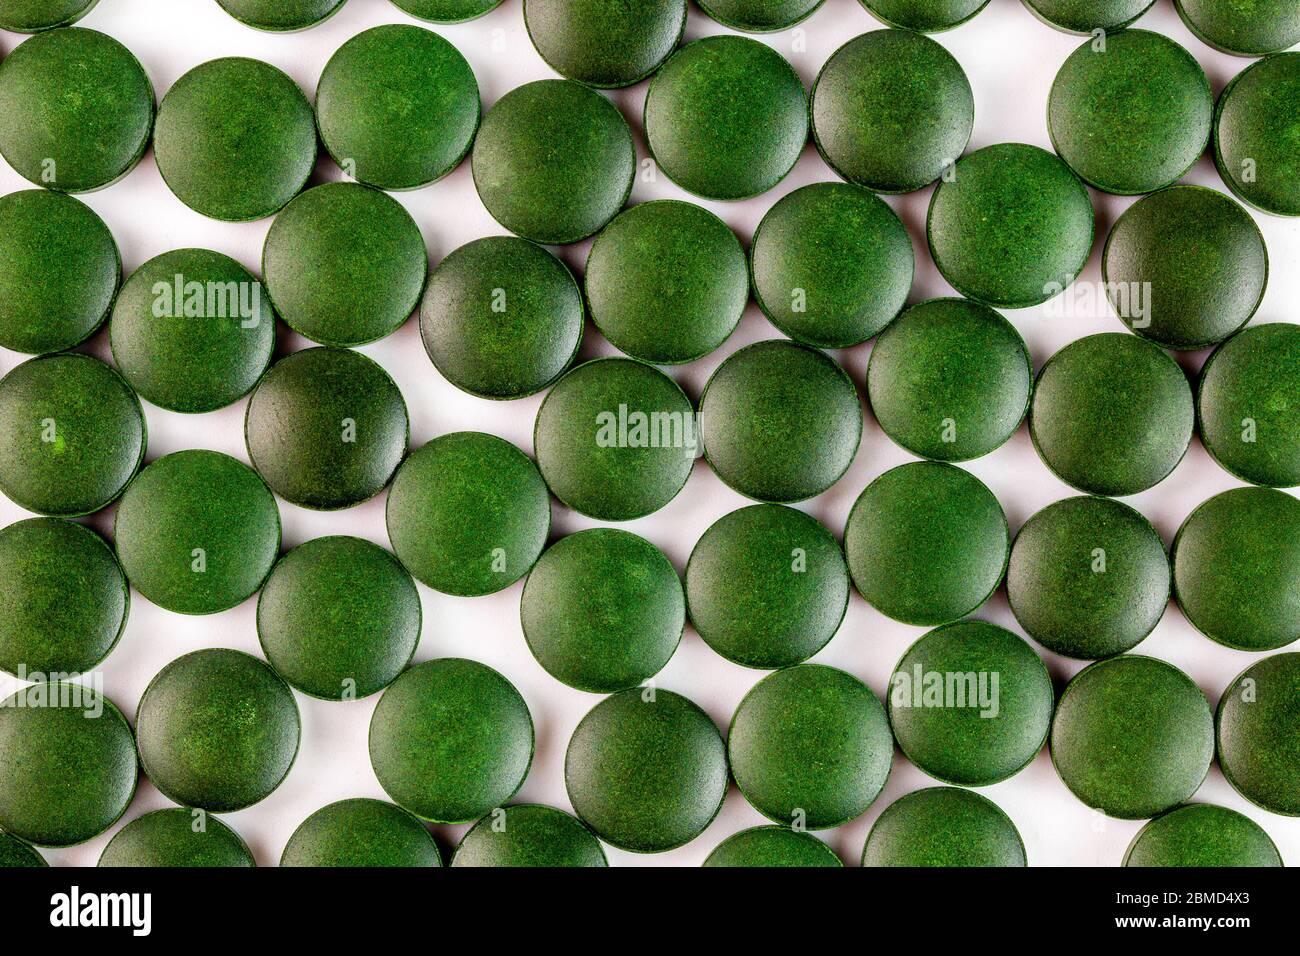 de nombreux comprimés verts de spiruline organique ont posé ramdomly dans une couche sur une surface plane et blanche Banque D'Images